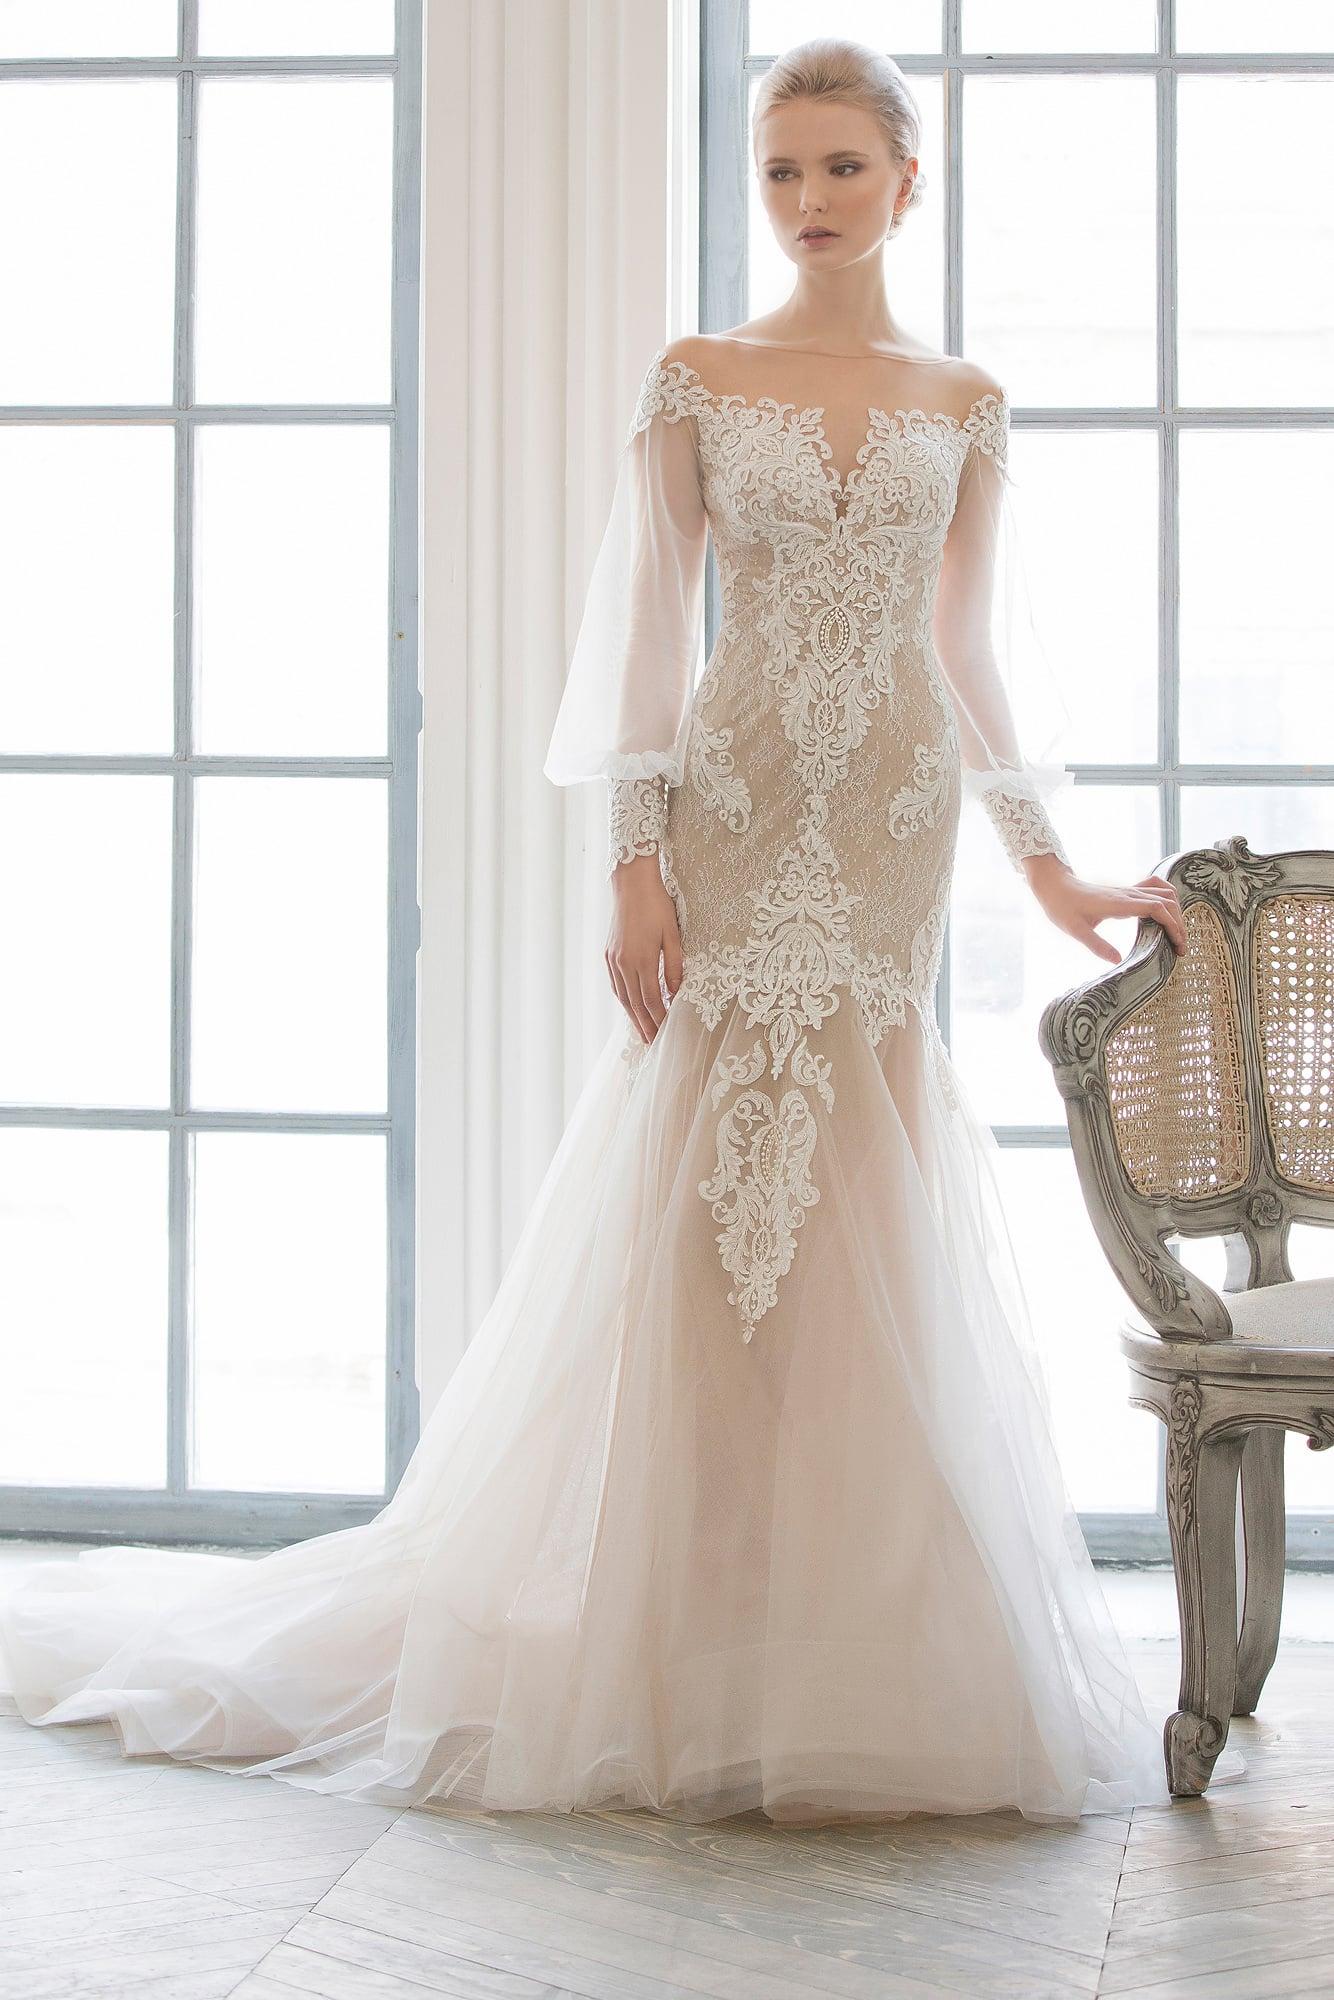 Широкие юбки свадебных платьев